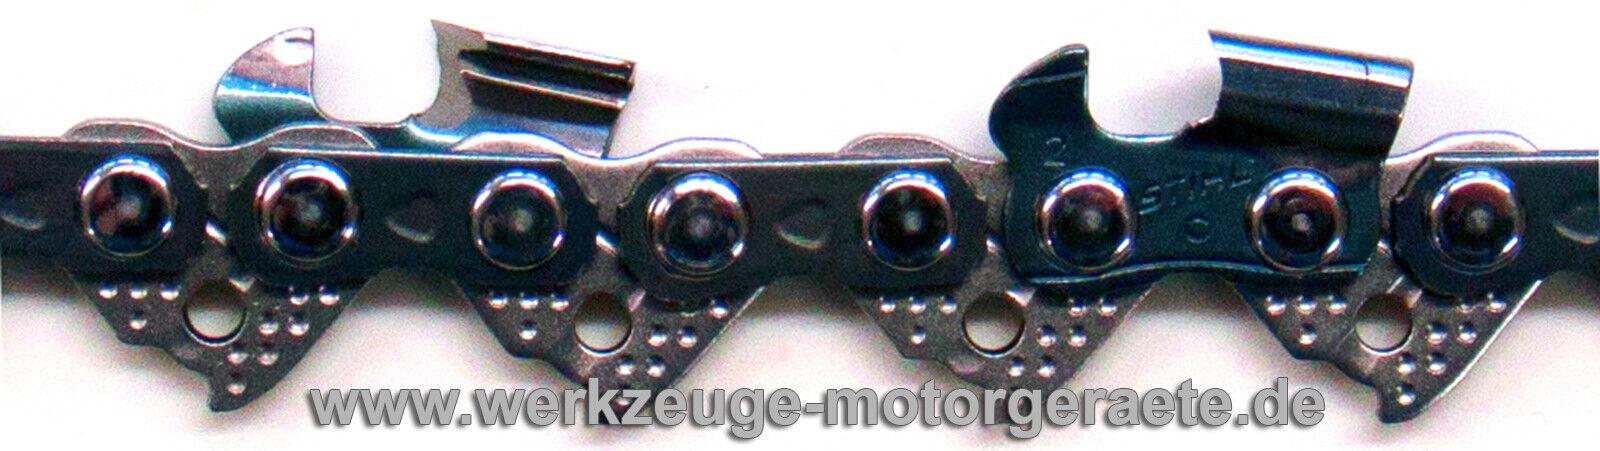 """Stihl Sägekette 1,3 mm .325 /""""64 Glieder-38 cm 23RMC 3684 000 0064"""